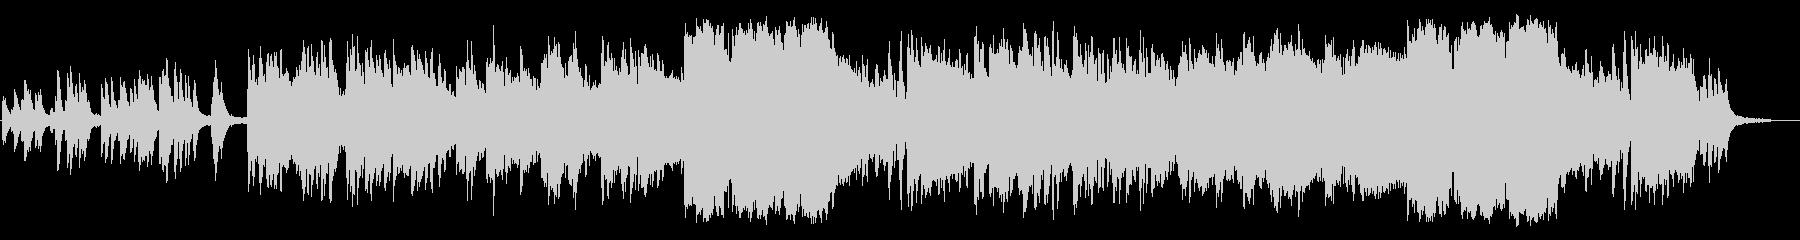 切なく感動的なピアノ&ストリングス曲の未再生の波形